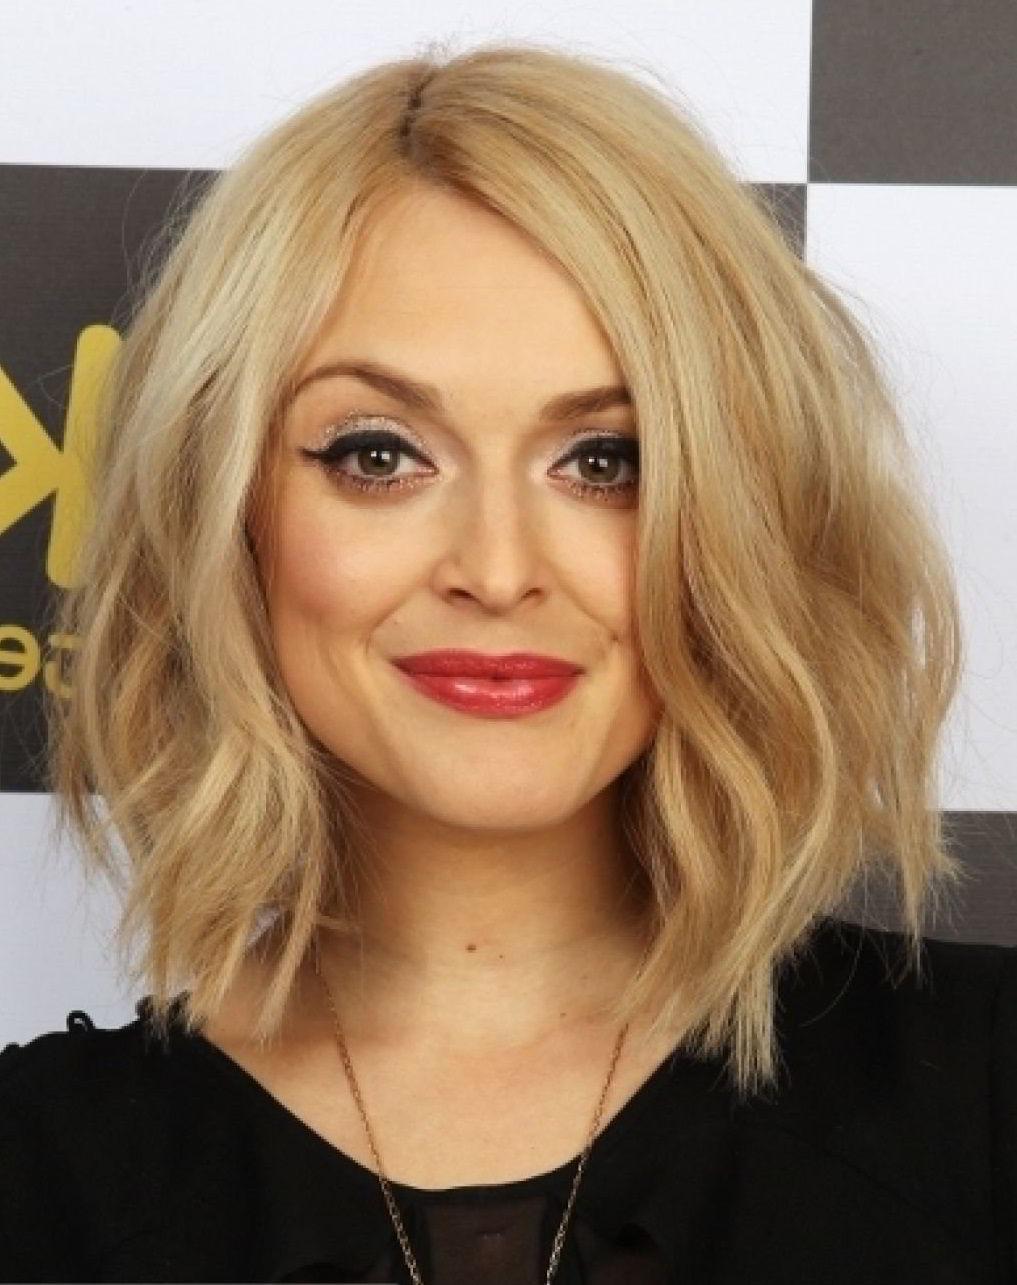 Градуированная стрижка на средние волосы 2019